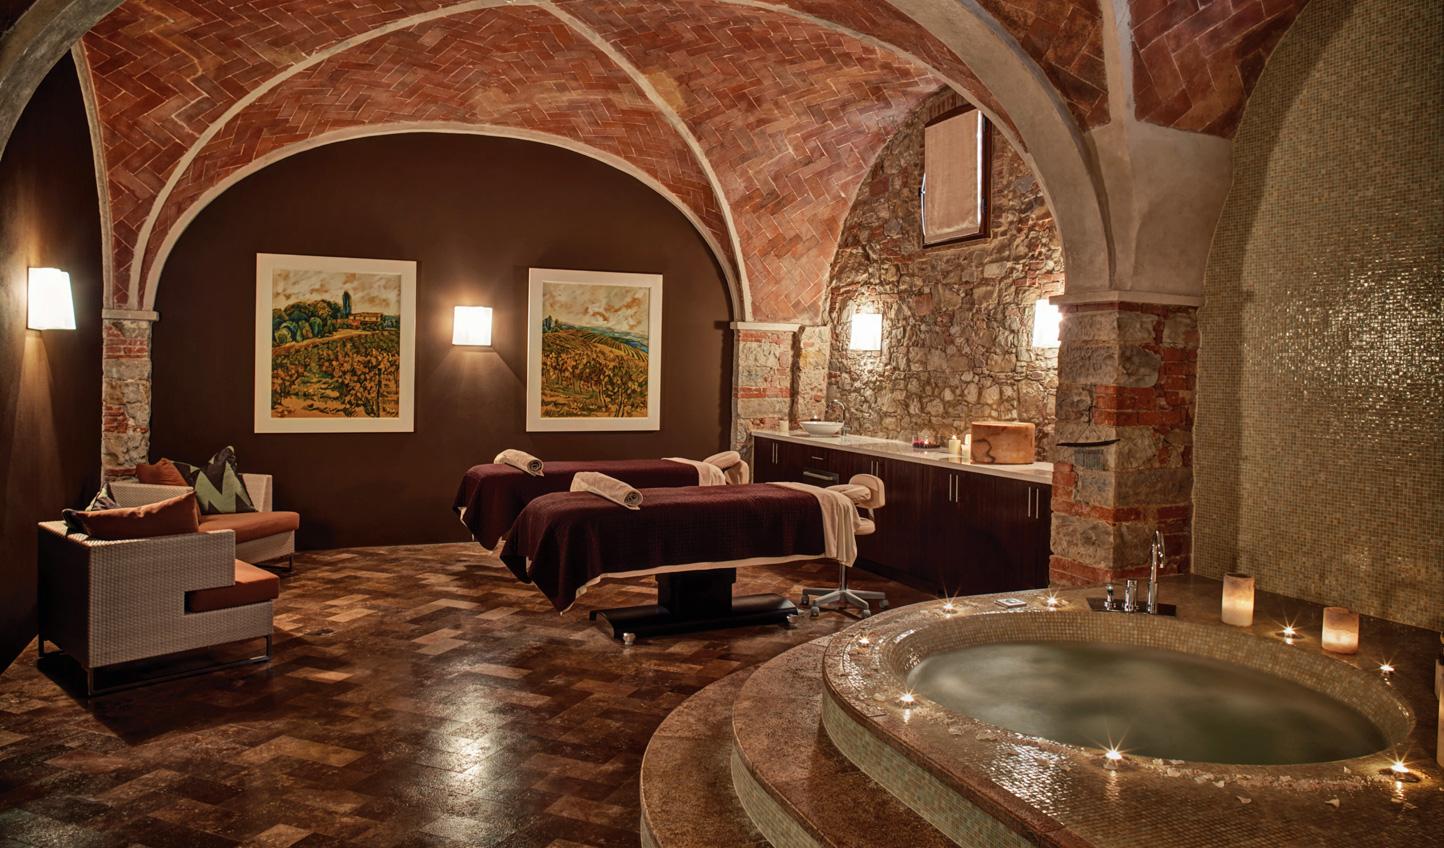 Head down to the subterranean Essere Spa for a rejuvenating escape